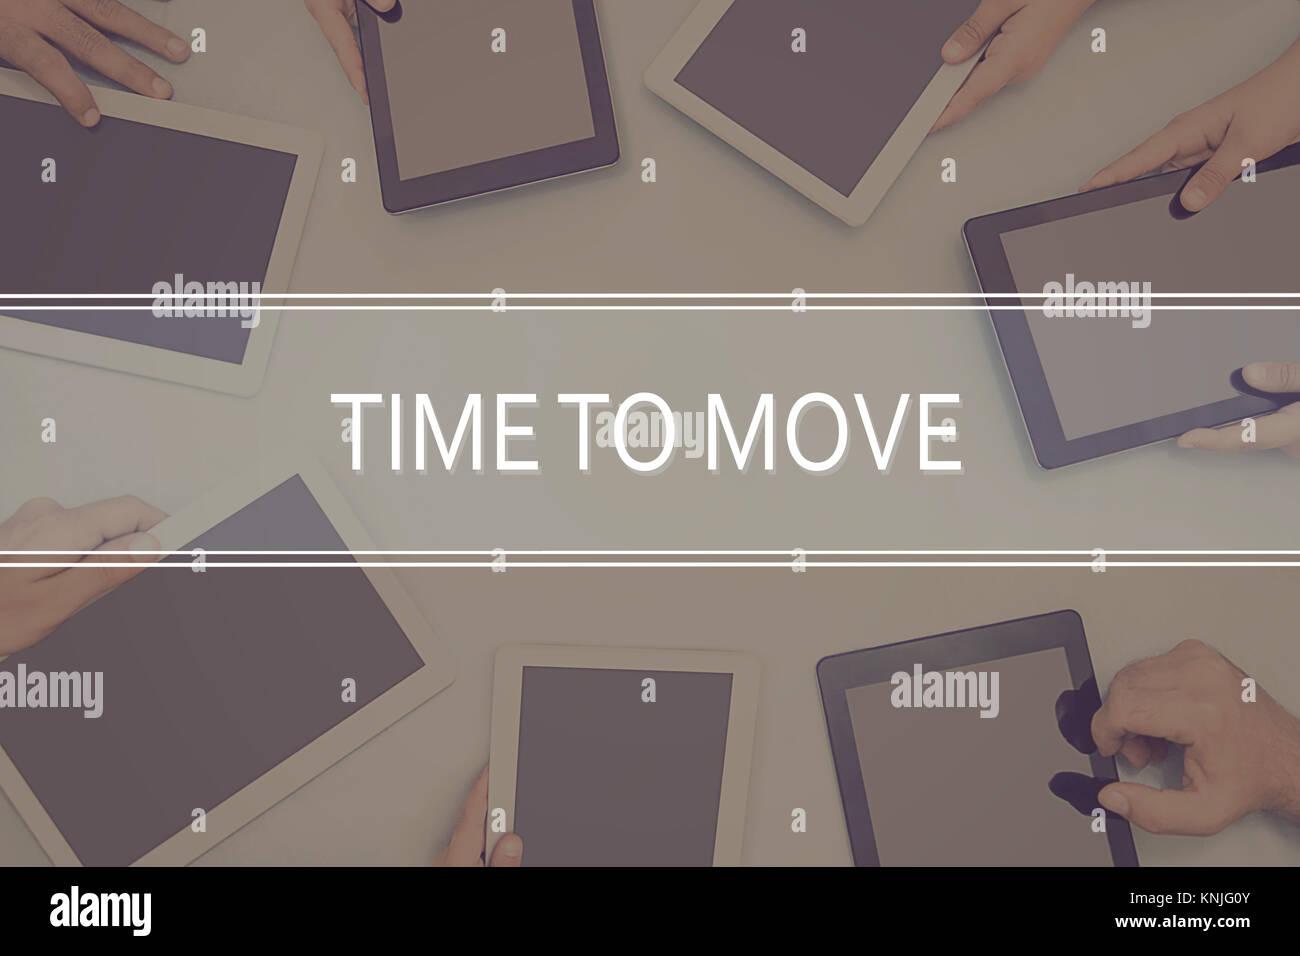 Zeit sich zu bewegen Konzept Business Konzept. Stockbild